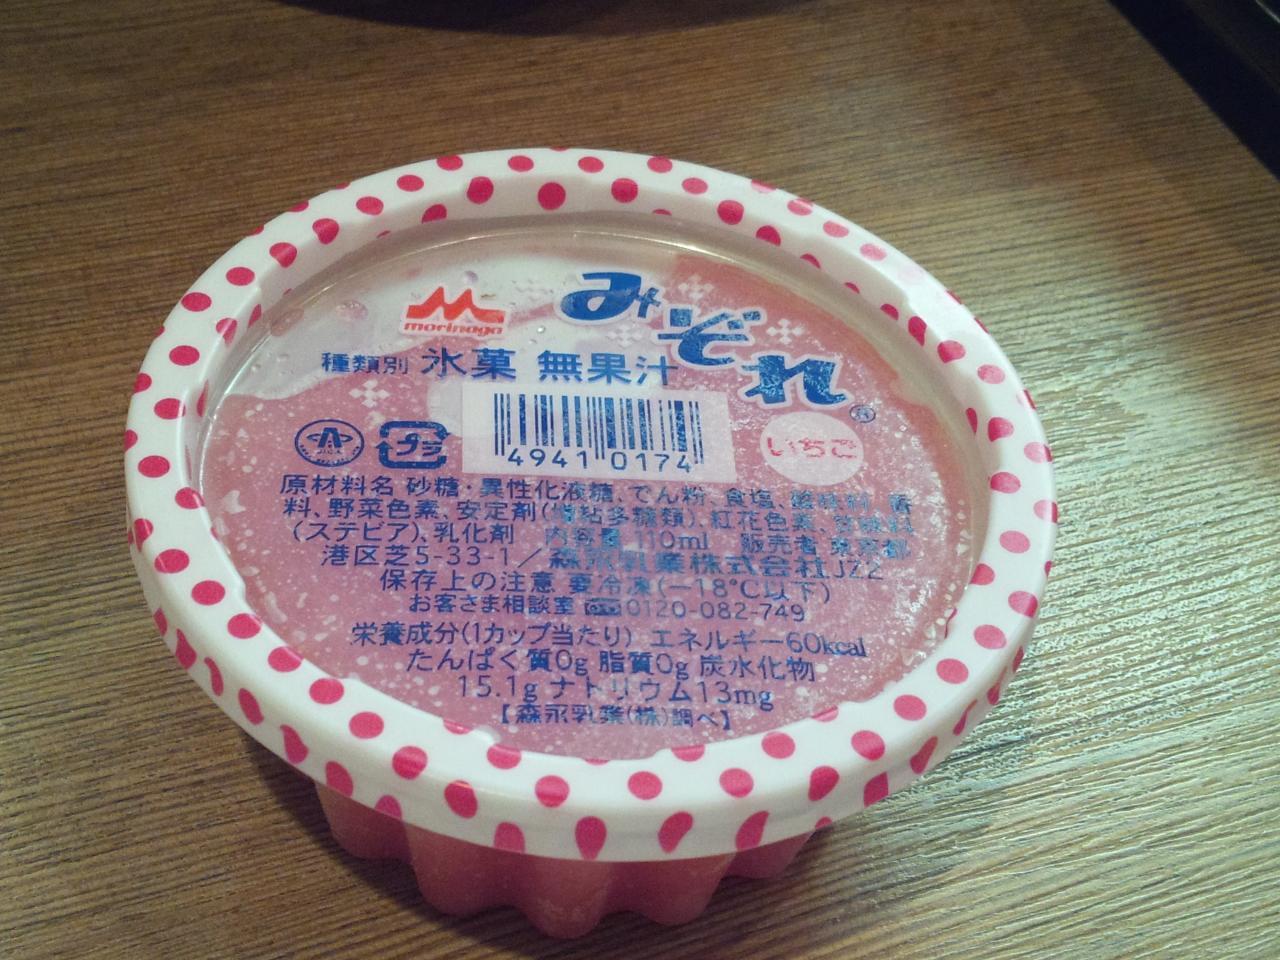 えぞや六角橋店(アイス)